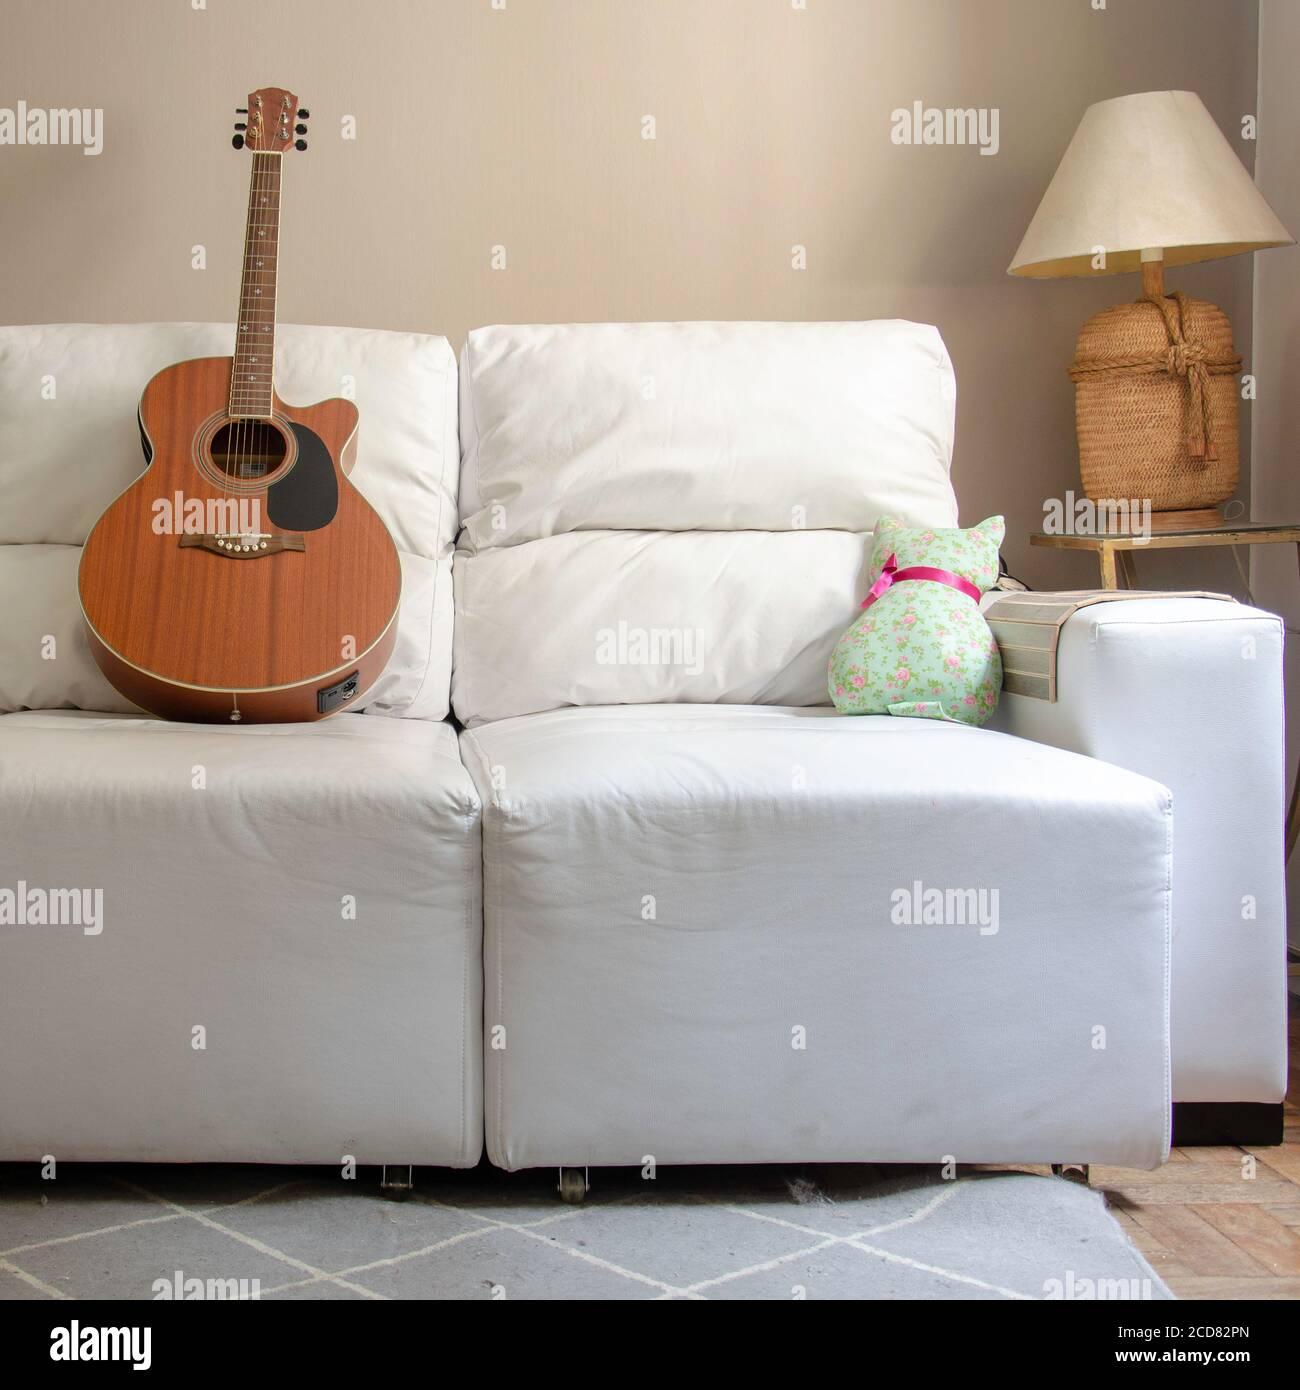 Decoración del hogar: Sala de estar con guitarra de madera sobre un sofá blanco y lámpara en mesa lateral con pared de fondo marrón claro Foto de stock